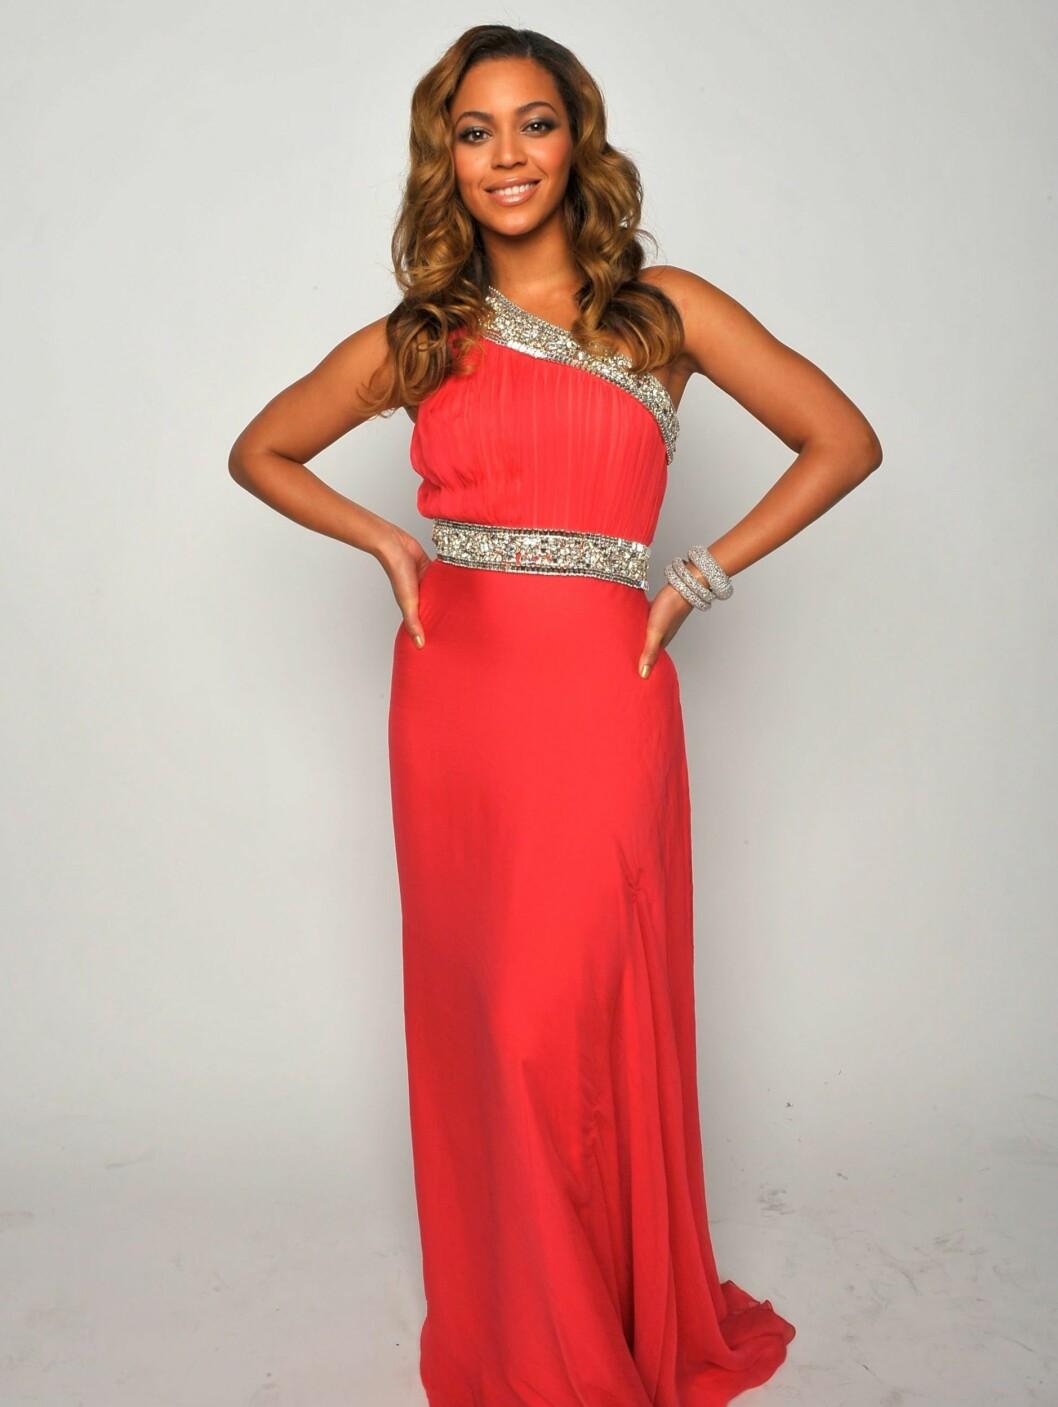 Da artisten Beyoncé Knowles skulle slanke seg inn i rollen i Dreamgirls, brukte hun en diett fra 1941, kalt Lønnesirup-kuren. Den går ut på å erstatte all mat med en væske bestående av sitronsaft, lønnesirup, vann og kajennepepper. Men hun anbefaler ikke kuren til noen. - Det finnes andre og bedre måter å gå ned i vekt på, sier hun.   Foto: All Over Press